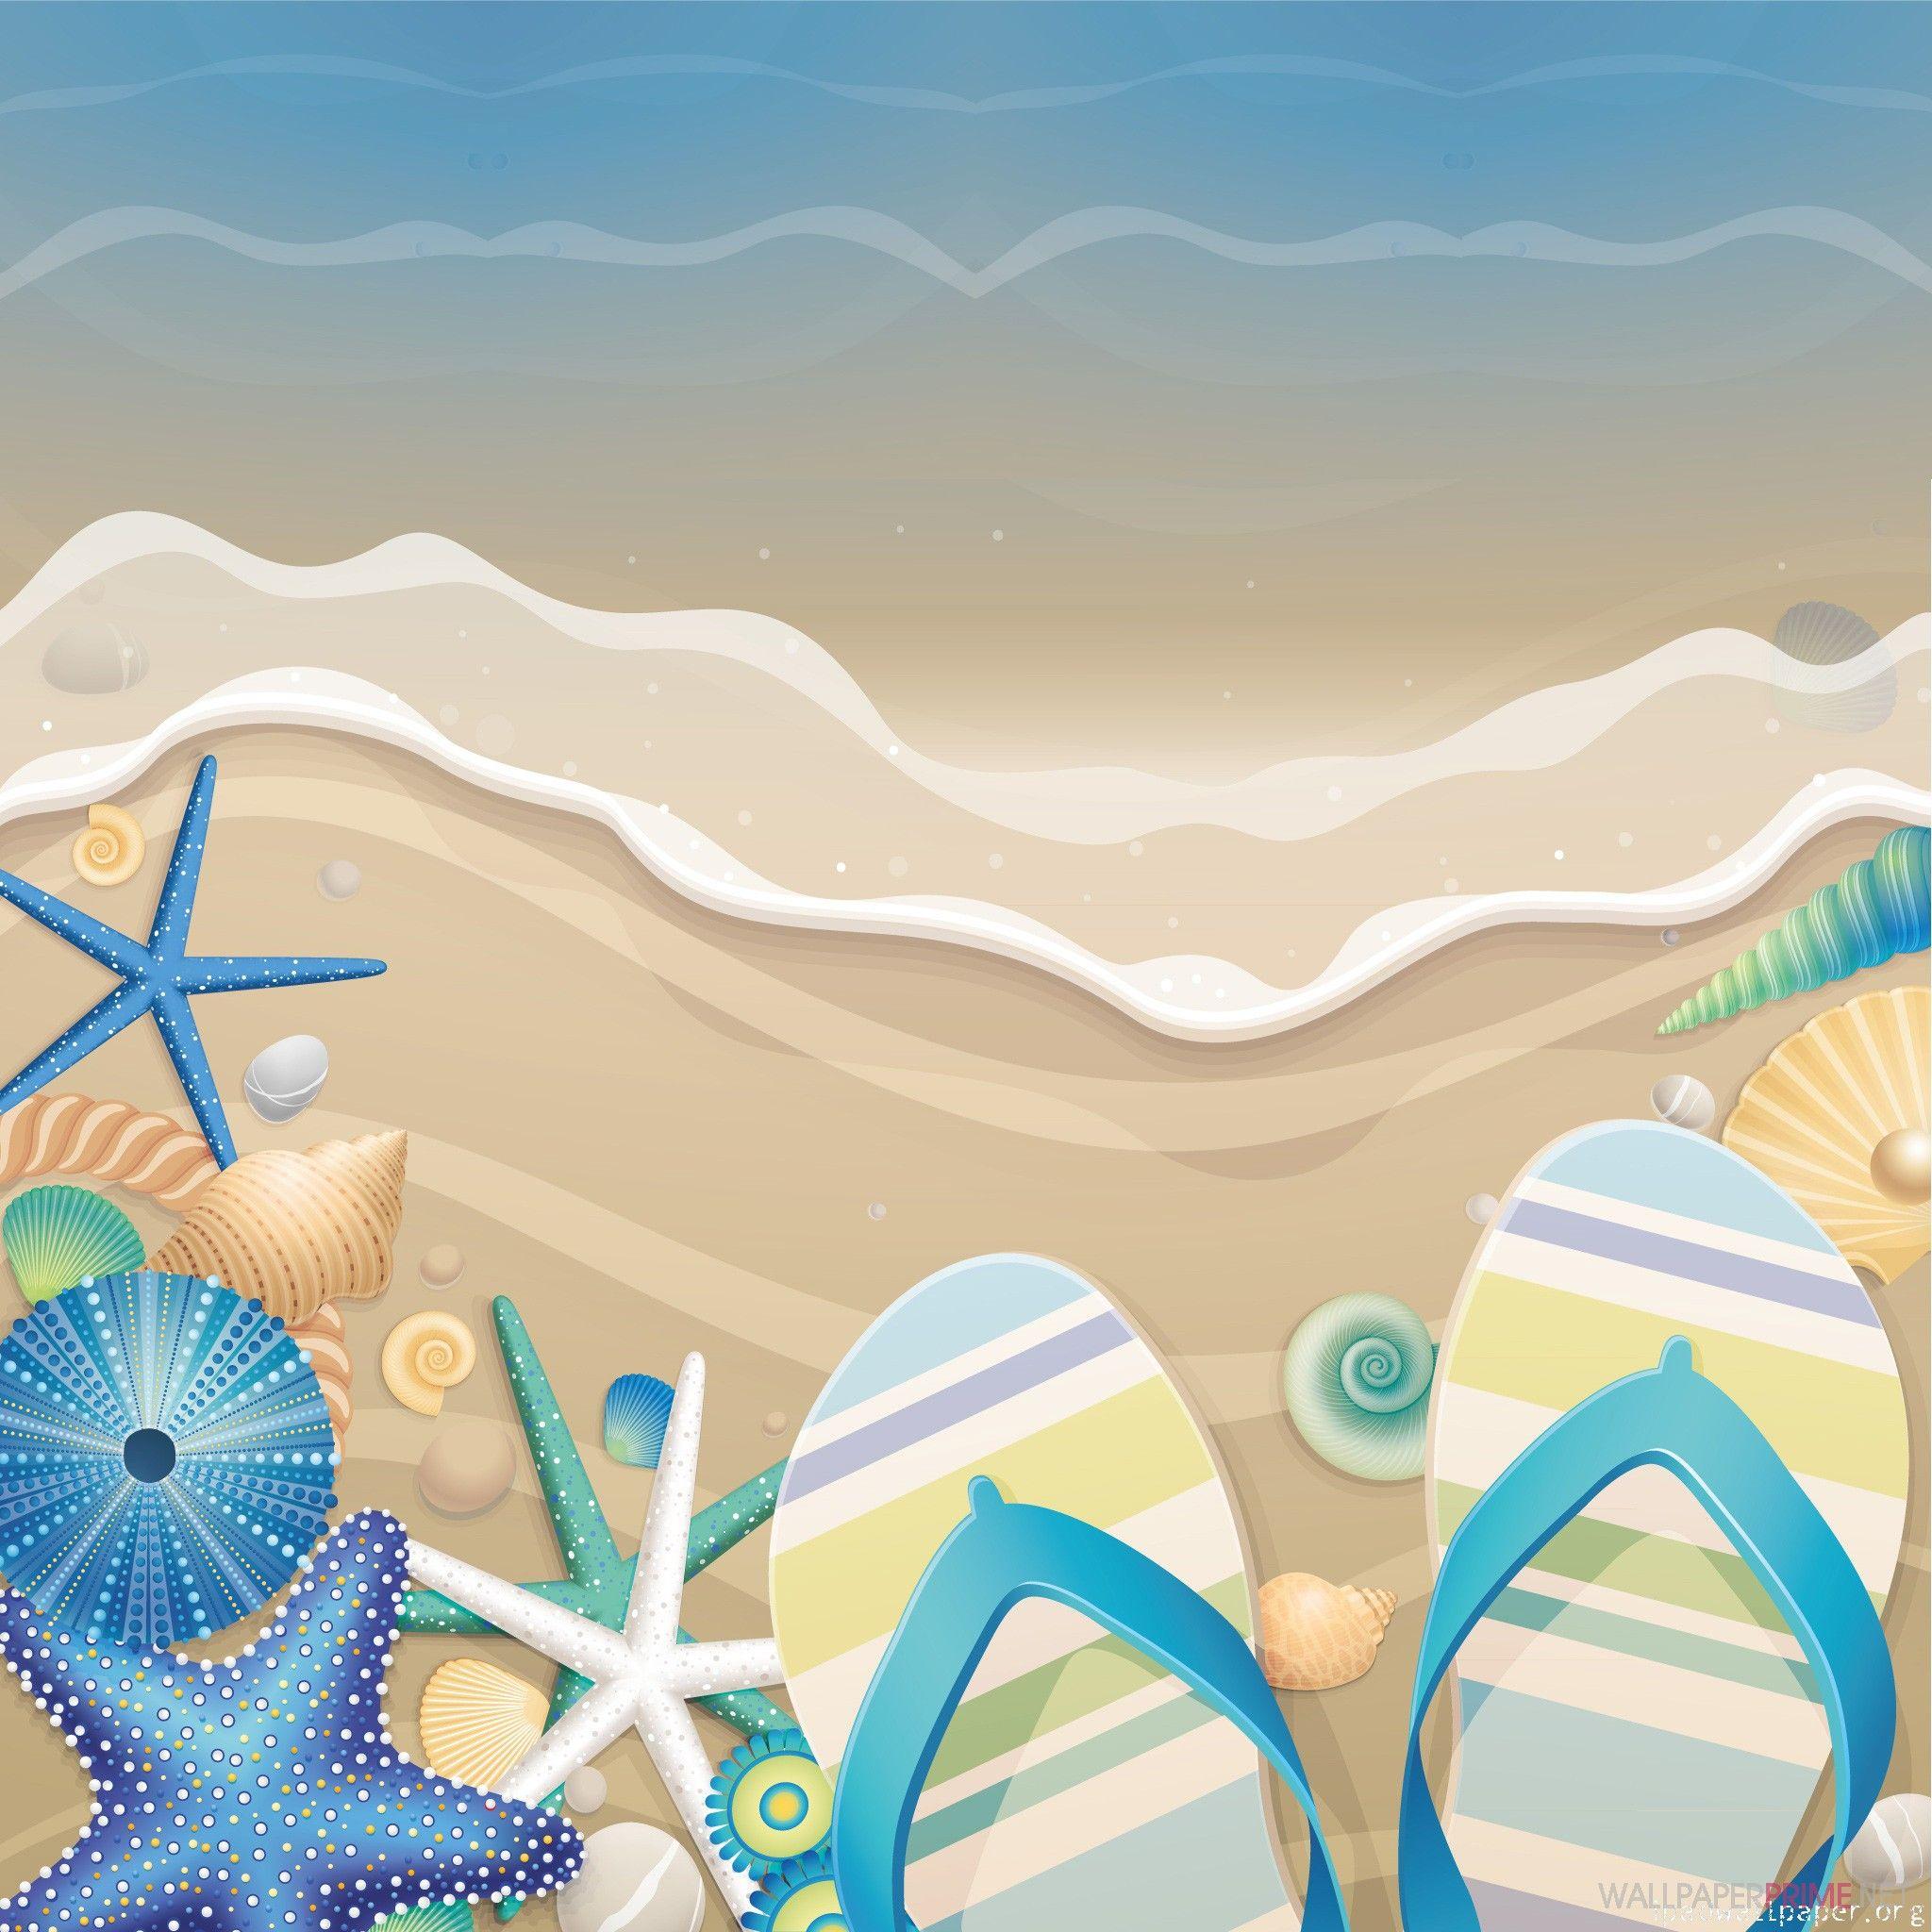 【イラスト】夏の海の思い出